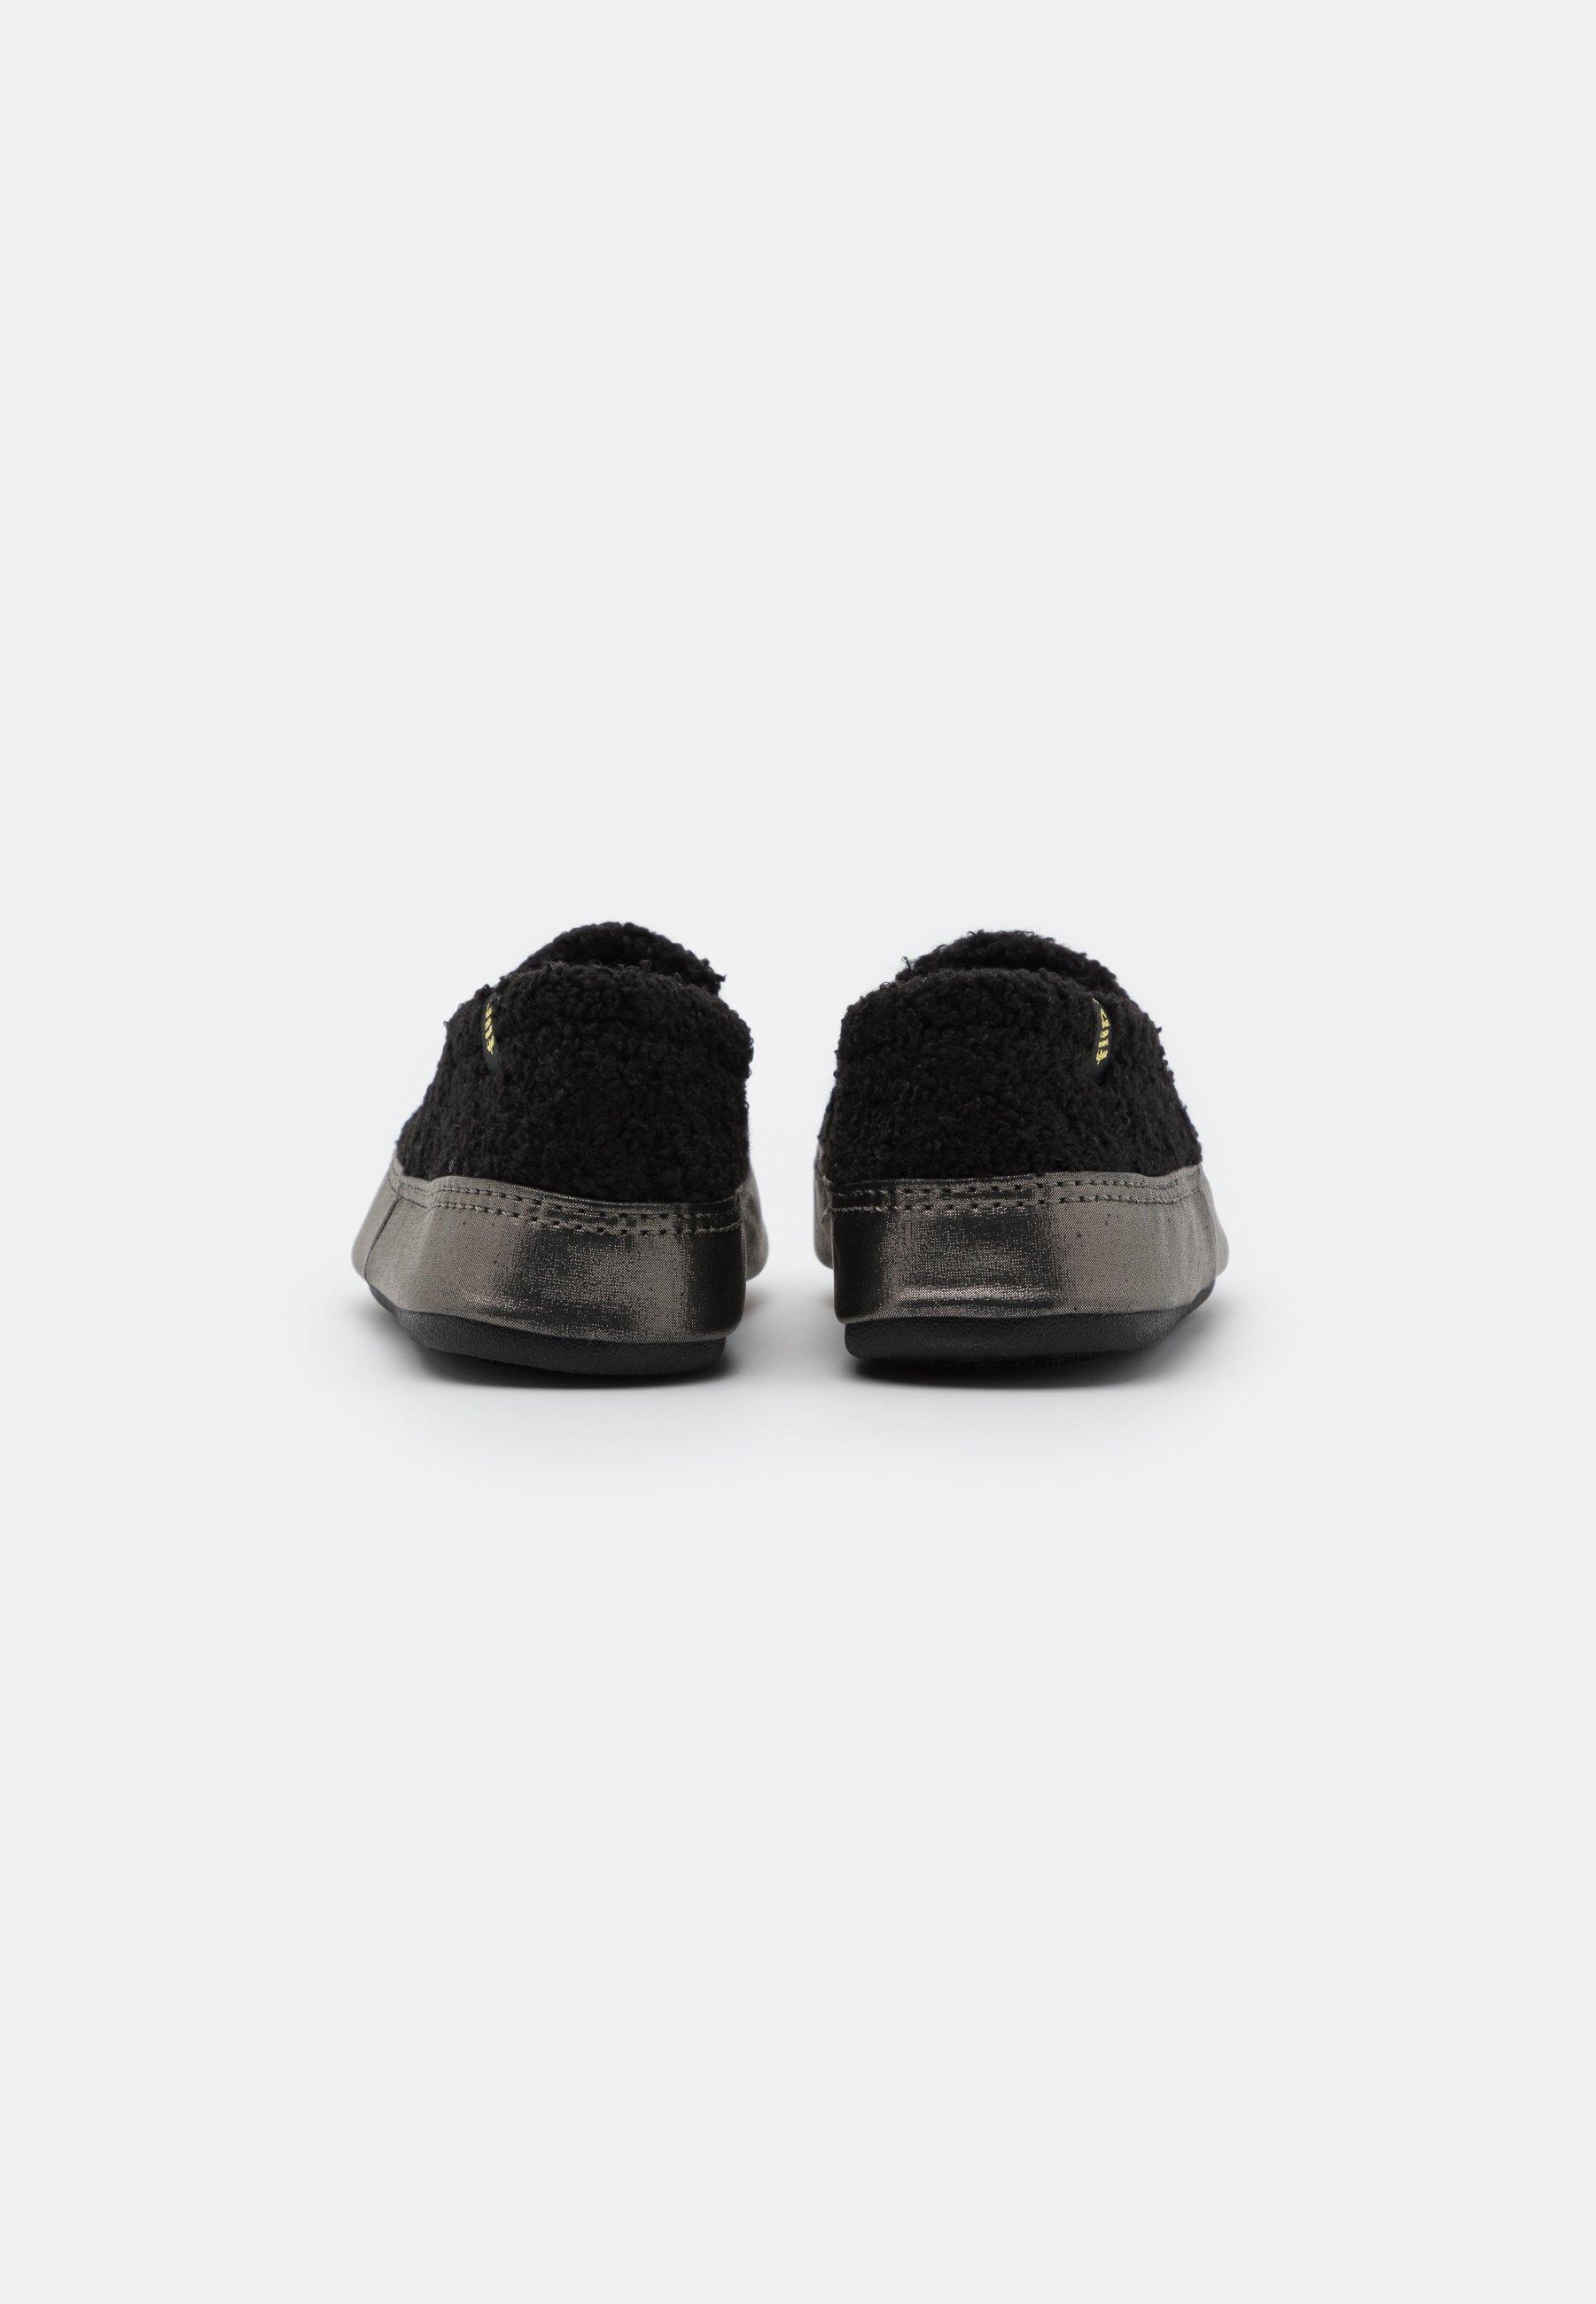 Flip*flop Hausschuh - Black/schwarz